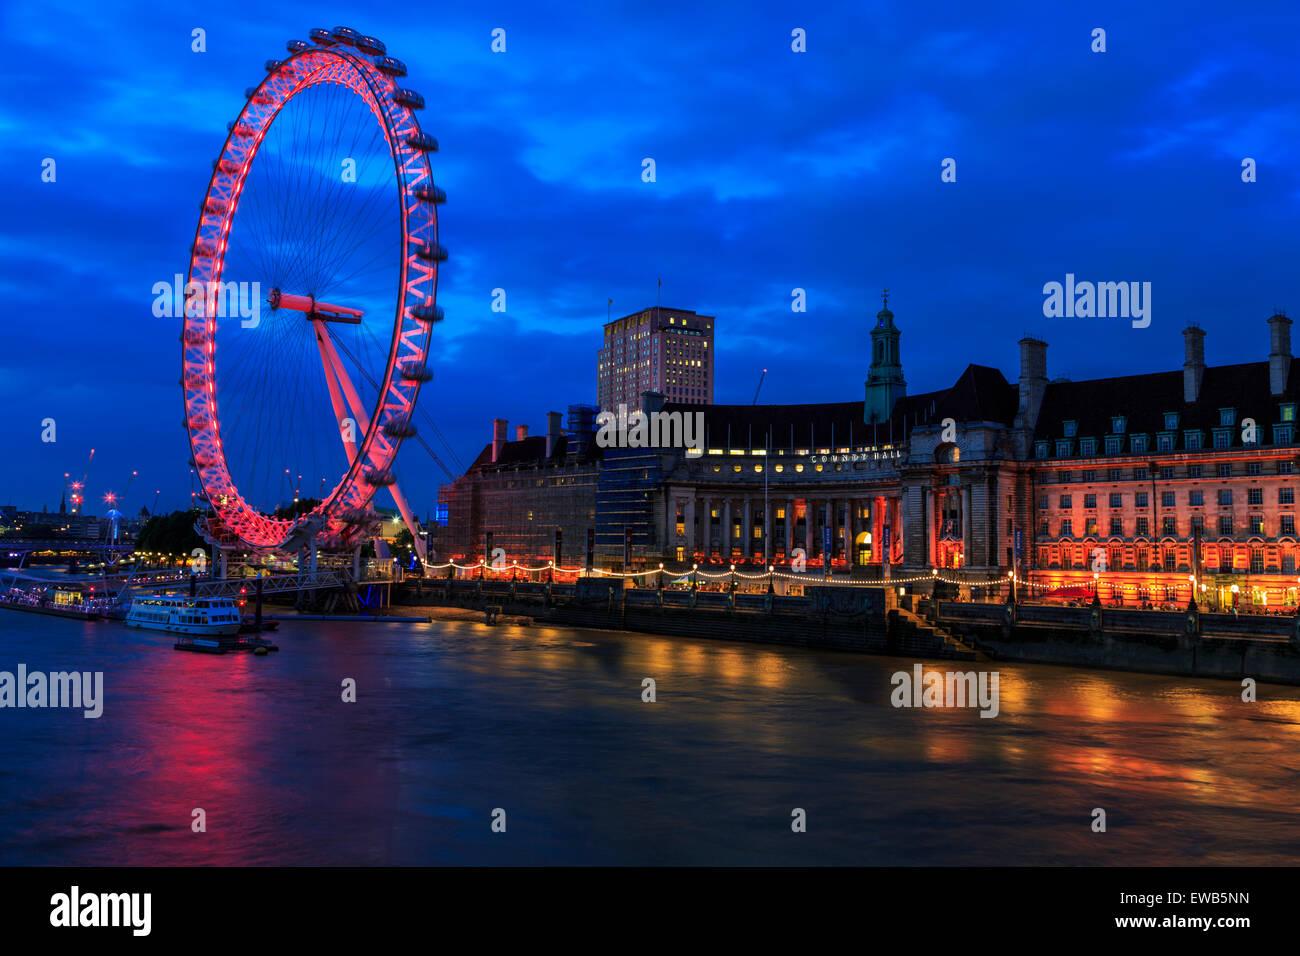 Landschaft Bild des London Eye und der County Hall am Südufer der Themse in der Dämmerung London England Stockbild